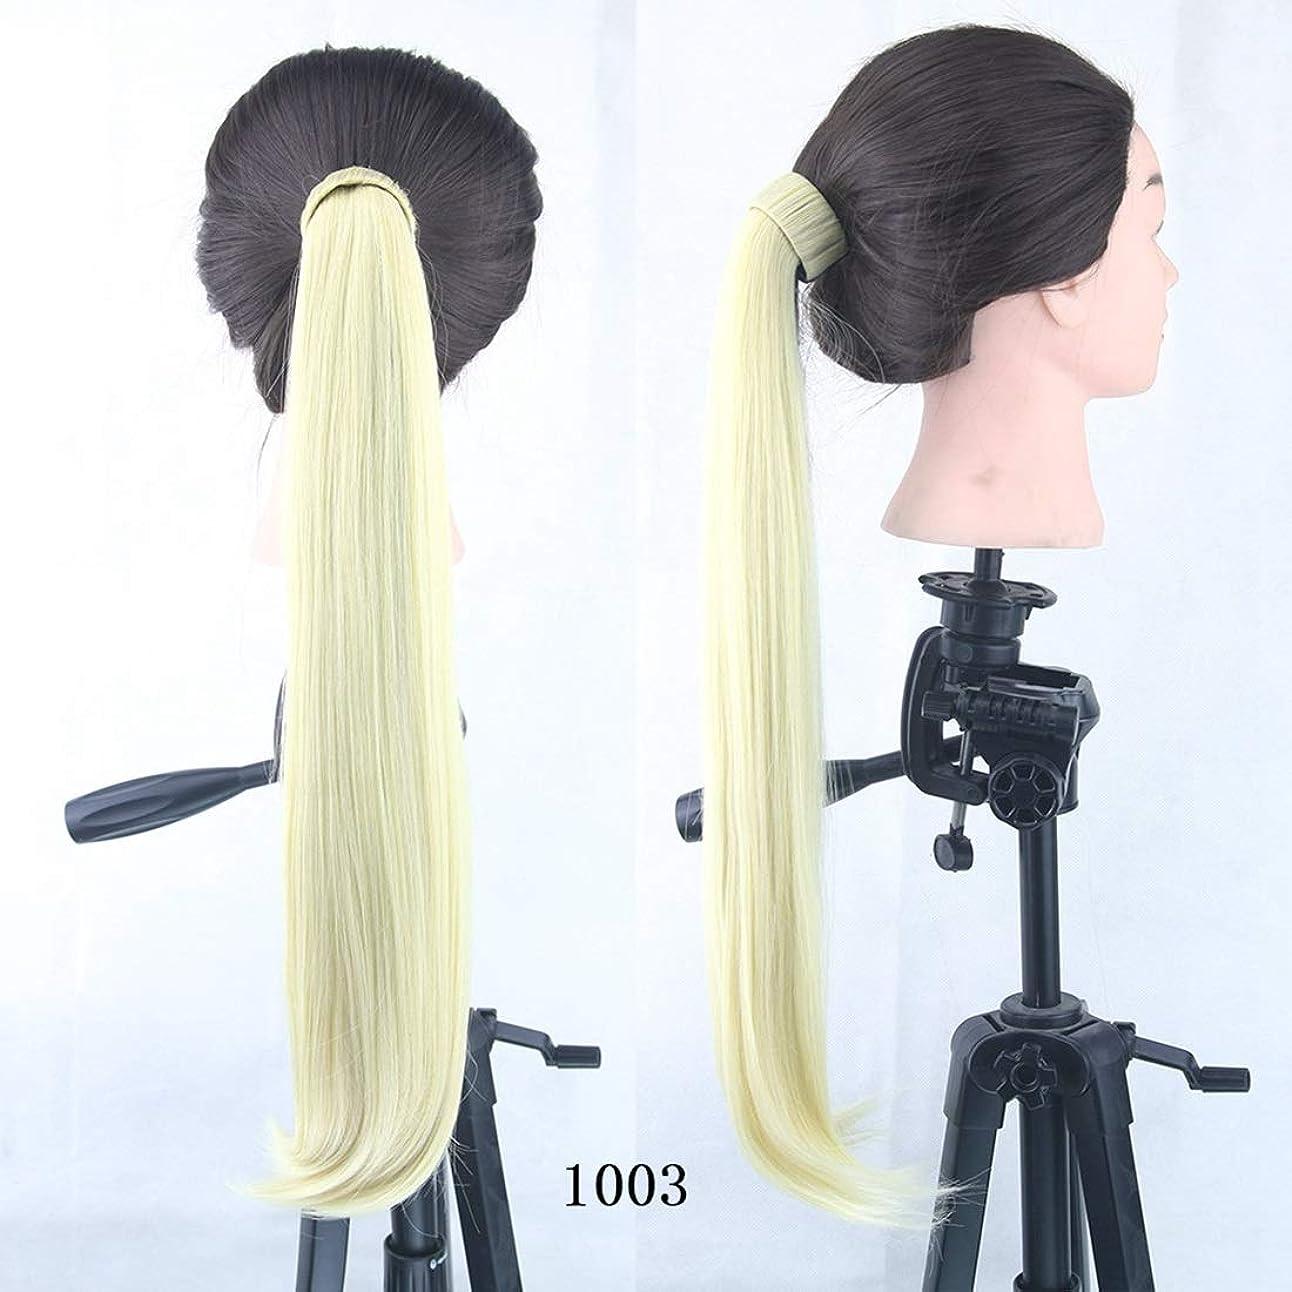 シャープ現金セットアップJIANFU マイクロボリュームの破片ポニーテール8色オプションのガールズ金属の破片ポニーテールストレートヘア (Color : Color 1003)